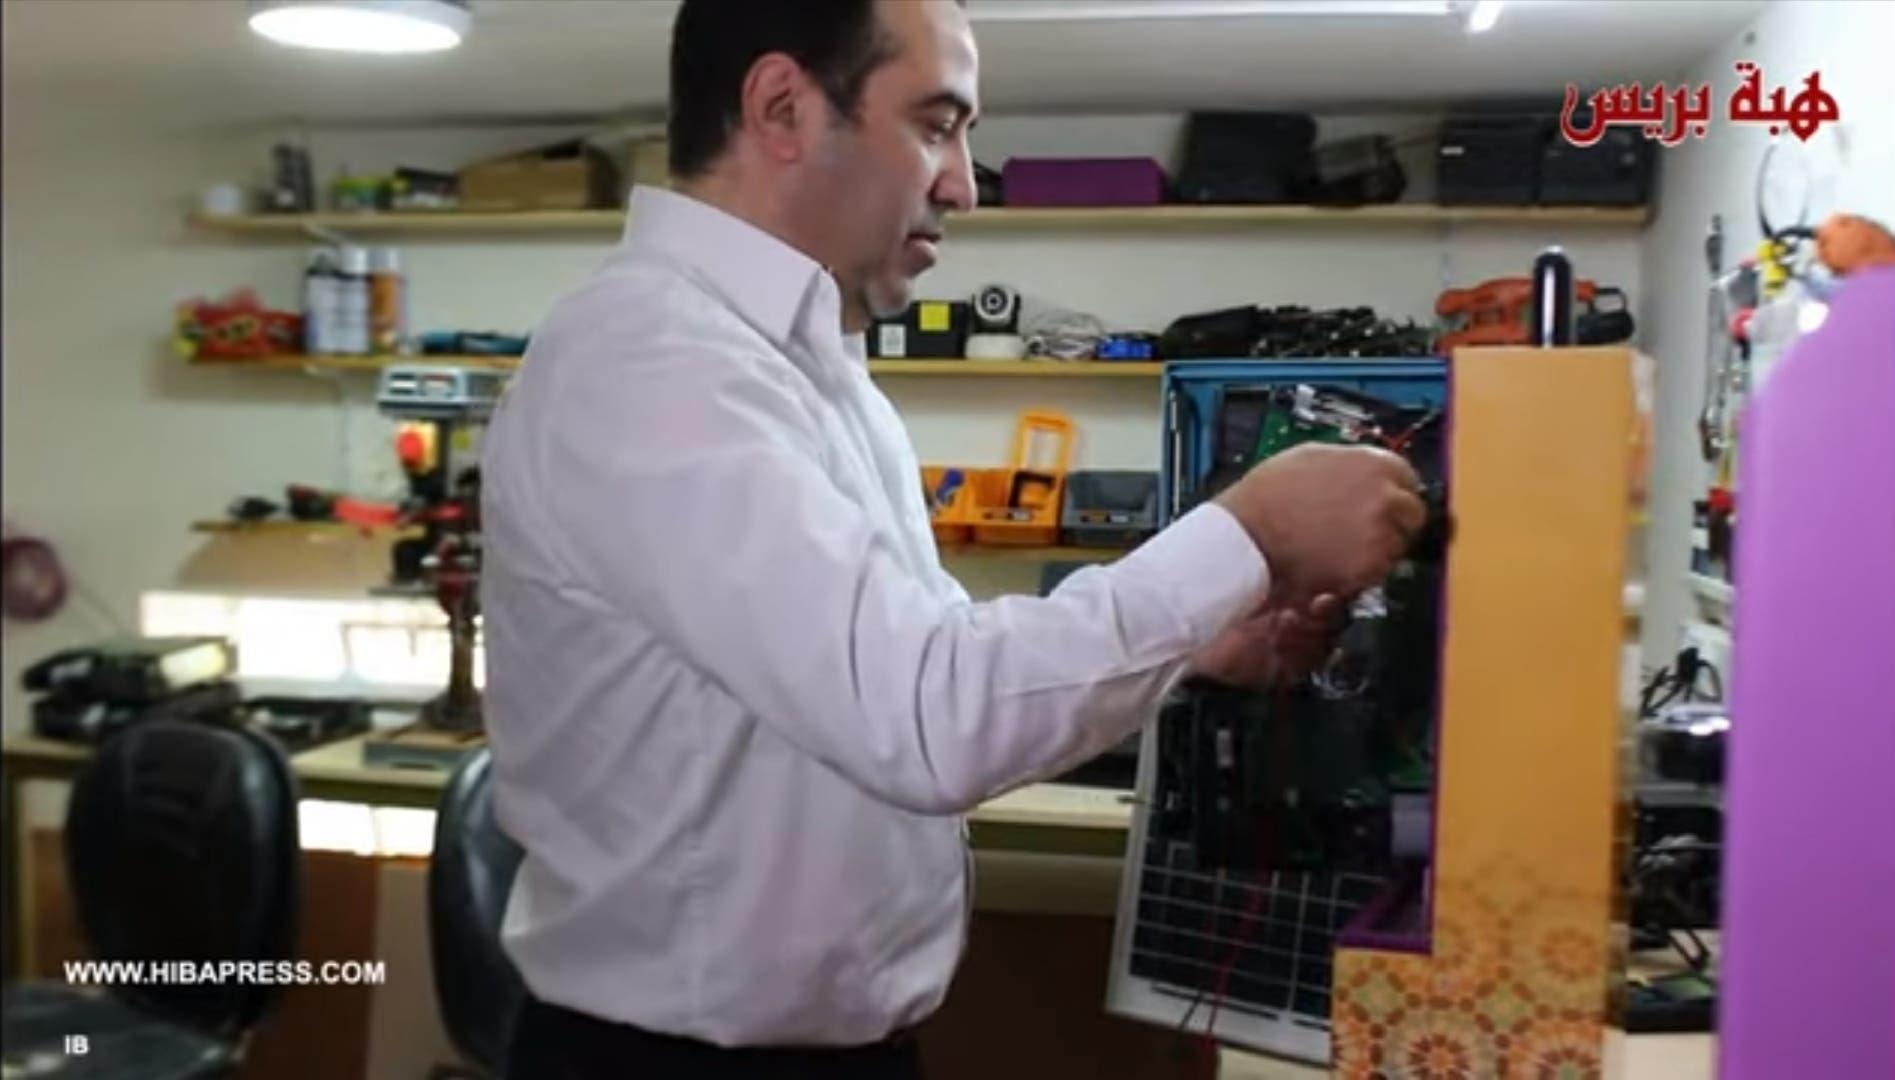 """Photo of مخترع طنجاوي.. ابتكر جهاز اتصالات يتواصل ب""""الريفية"""" الأمازيغية"""